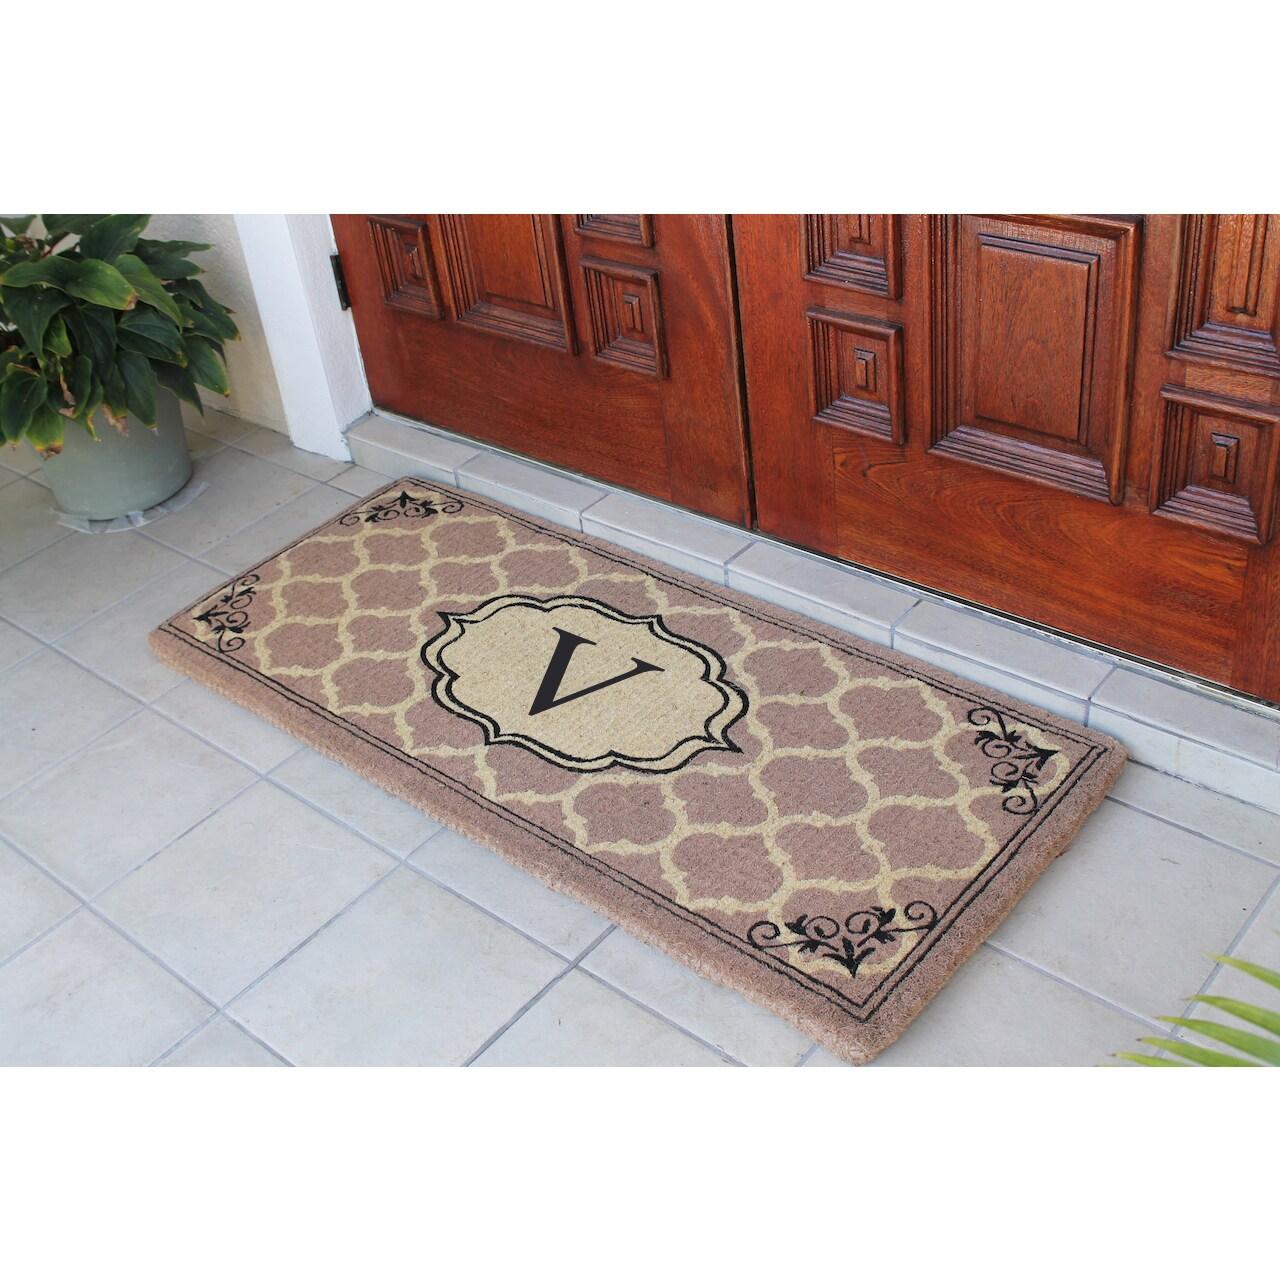 Gayle Ogee Monogrammed Handmade Entry Double Doormat 24 X 57 Overstock 11453597